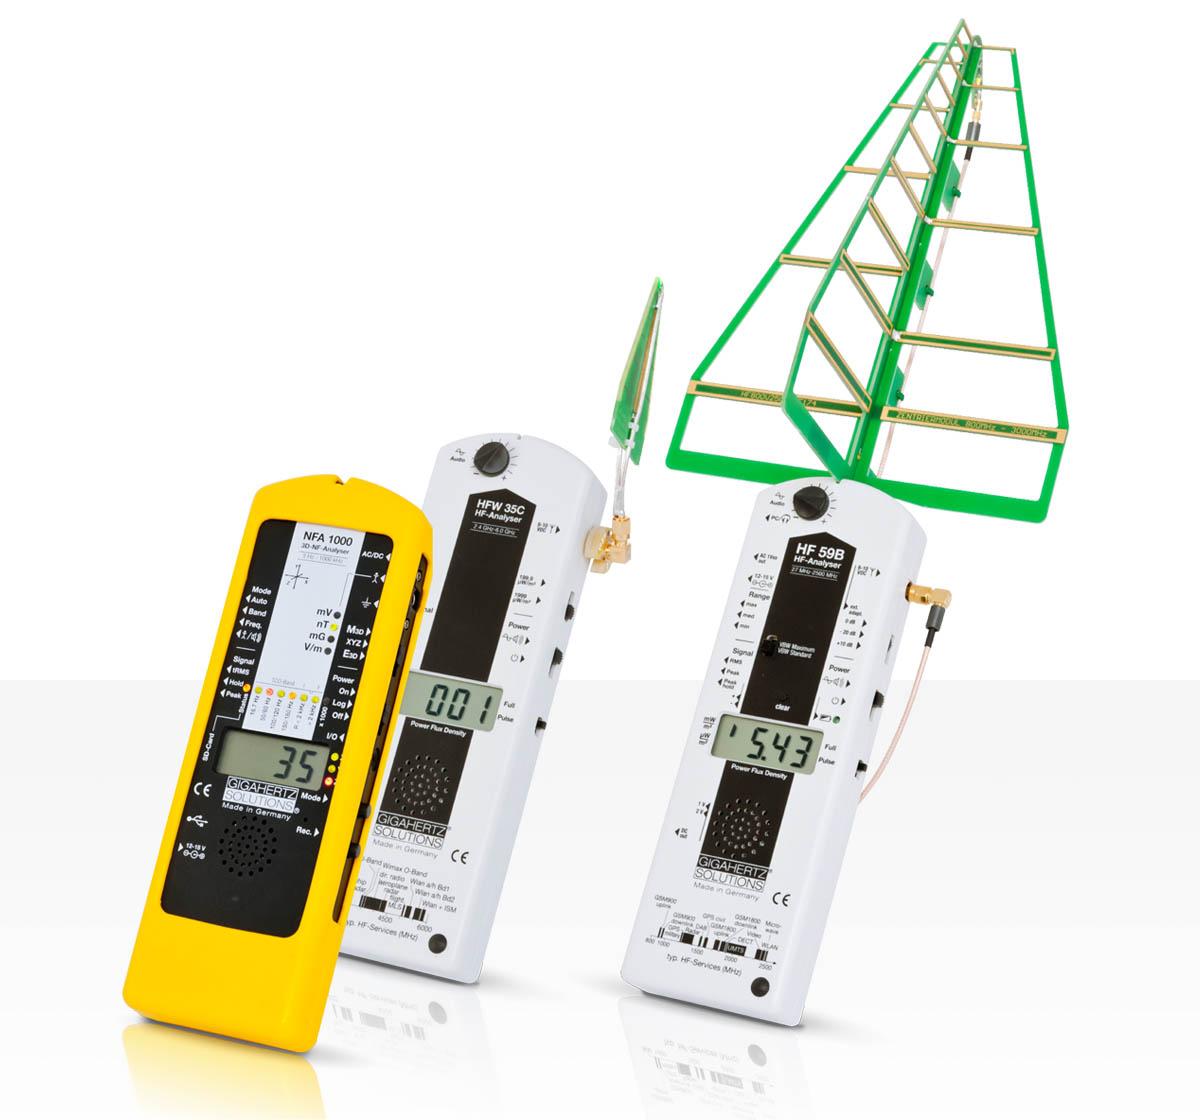 Elektrosmog-messen-Feldst-rke-Messtechnik-Gigahertz-Solutions5837269ea5b06